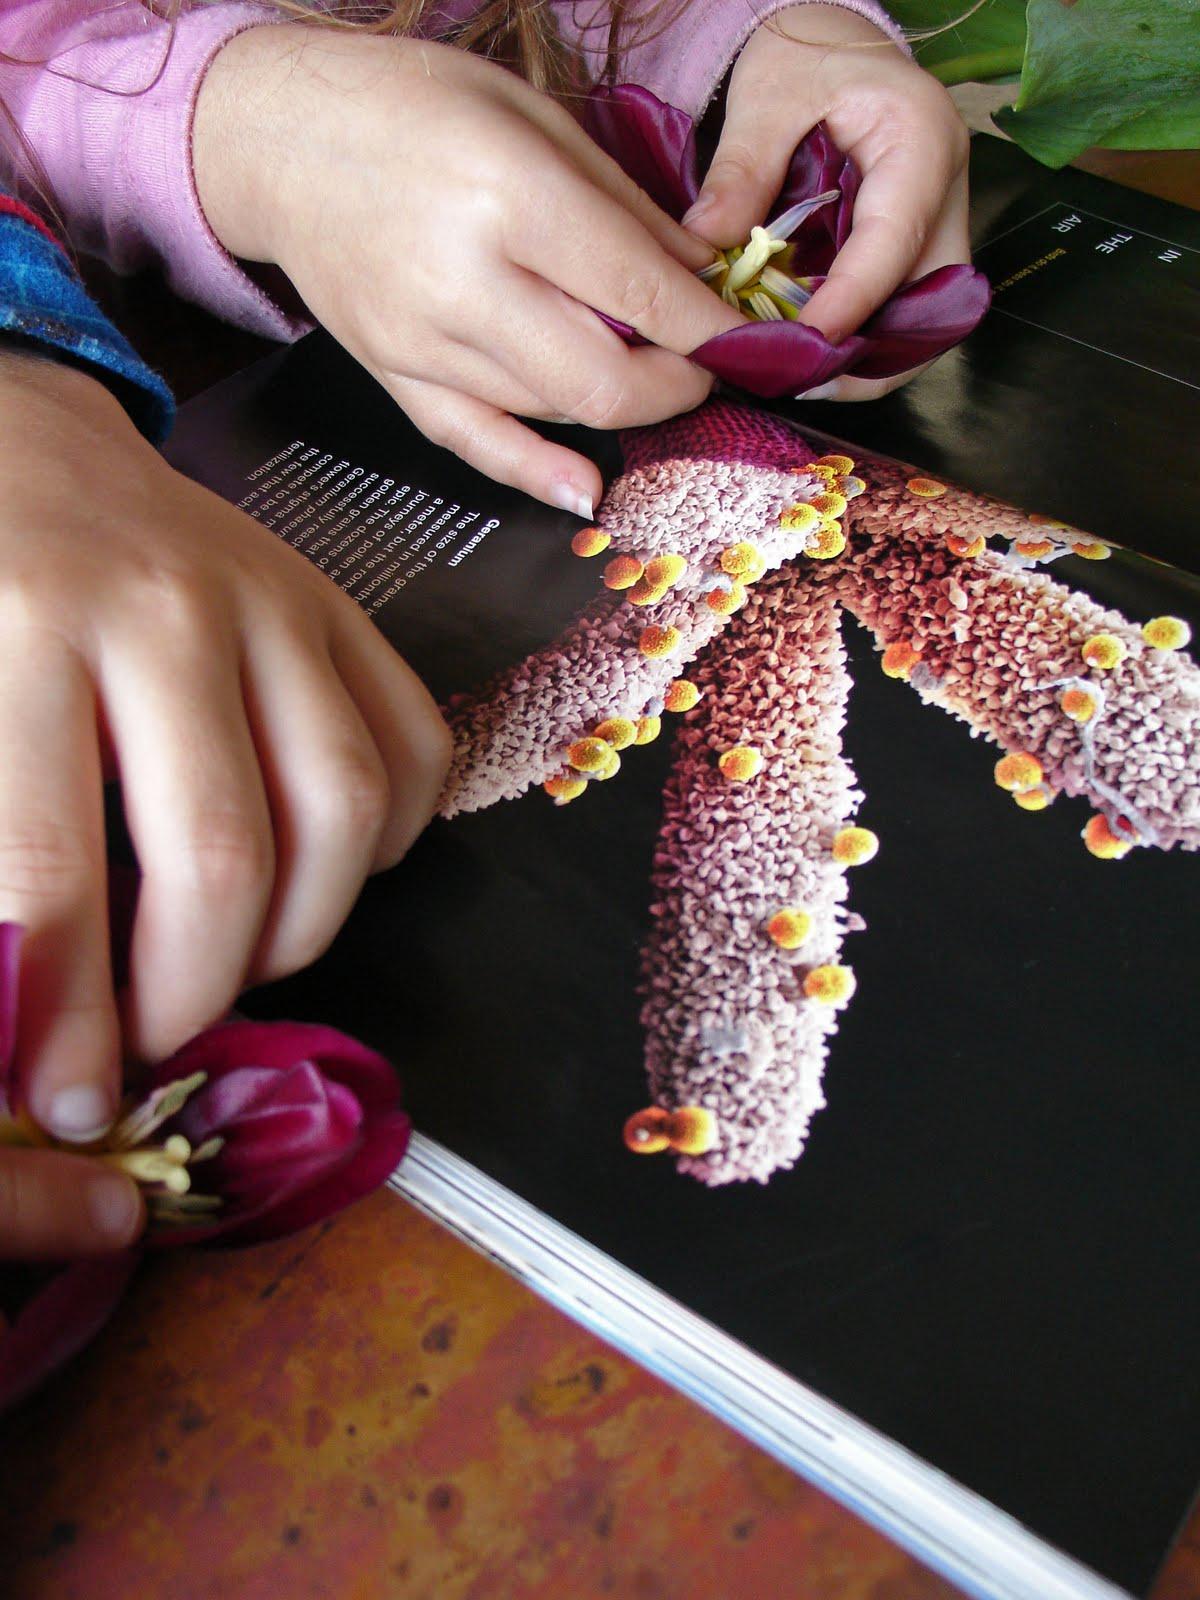 http://4.bp.blogspot.com/_4yWx8IDlqR0/TMpKNp3N2kI/AAAAAAAAD9o/d0Tb20VJ67M/s1600/1028flowers.jpg